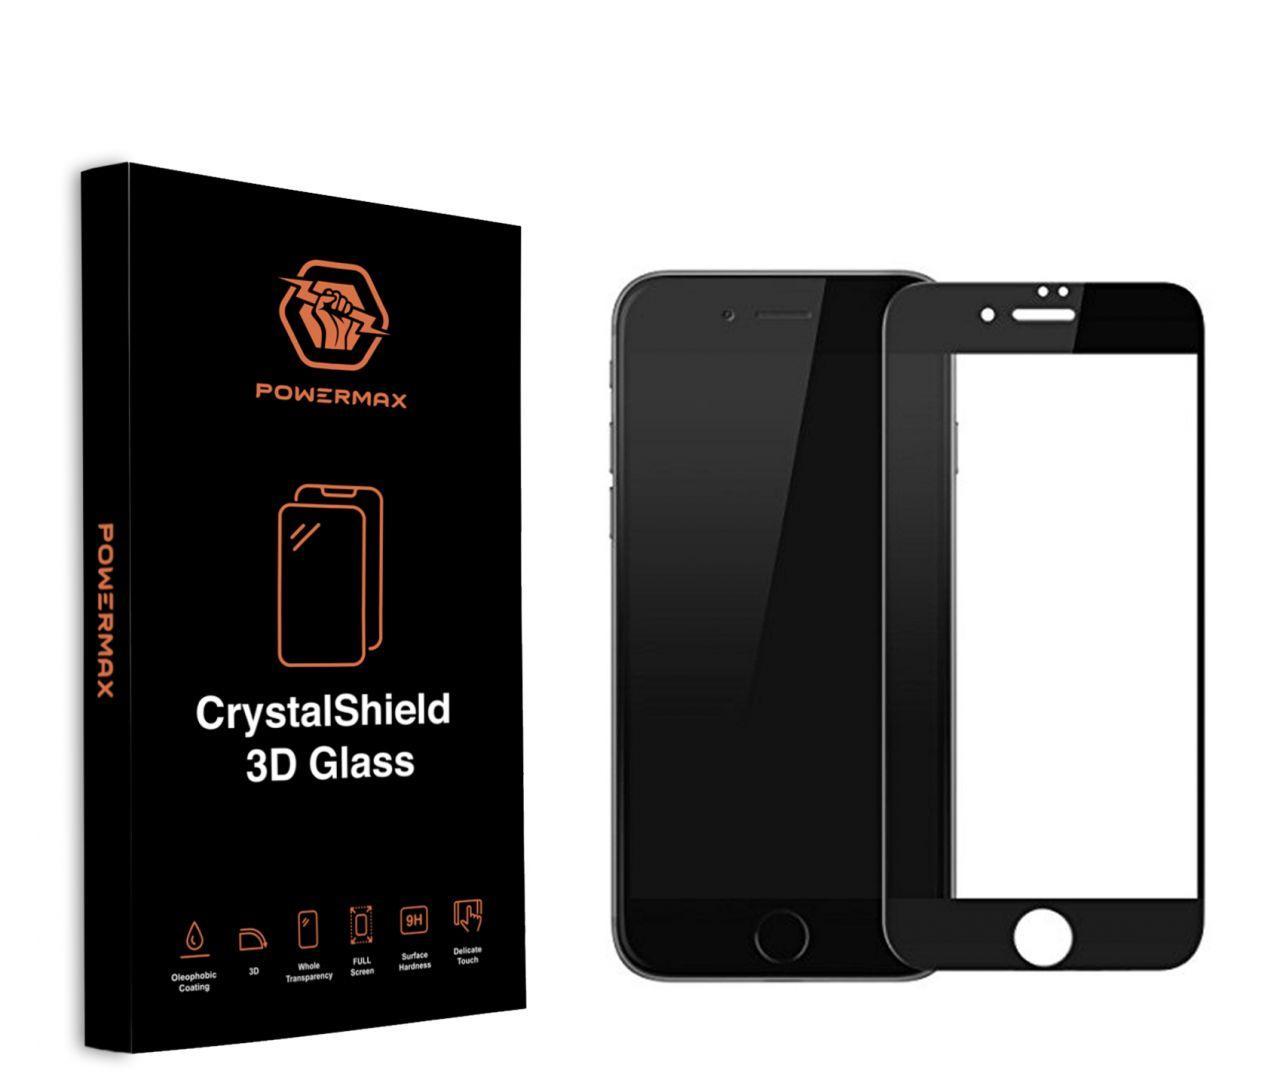 Защитное стекло Powermax 3D CrystalShield Apple iPhone 7 Plus, iPhone 8 Plus Black (PWRMXCRIPH7PB)